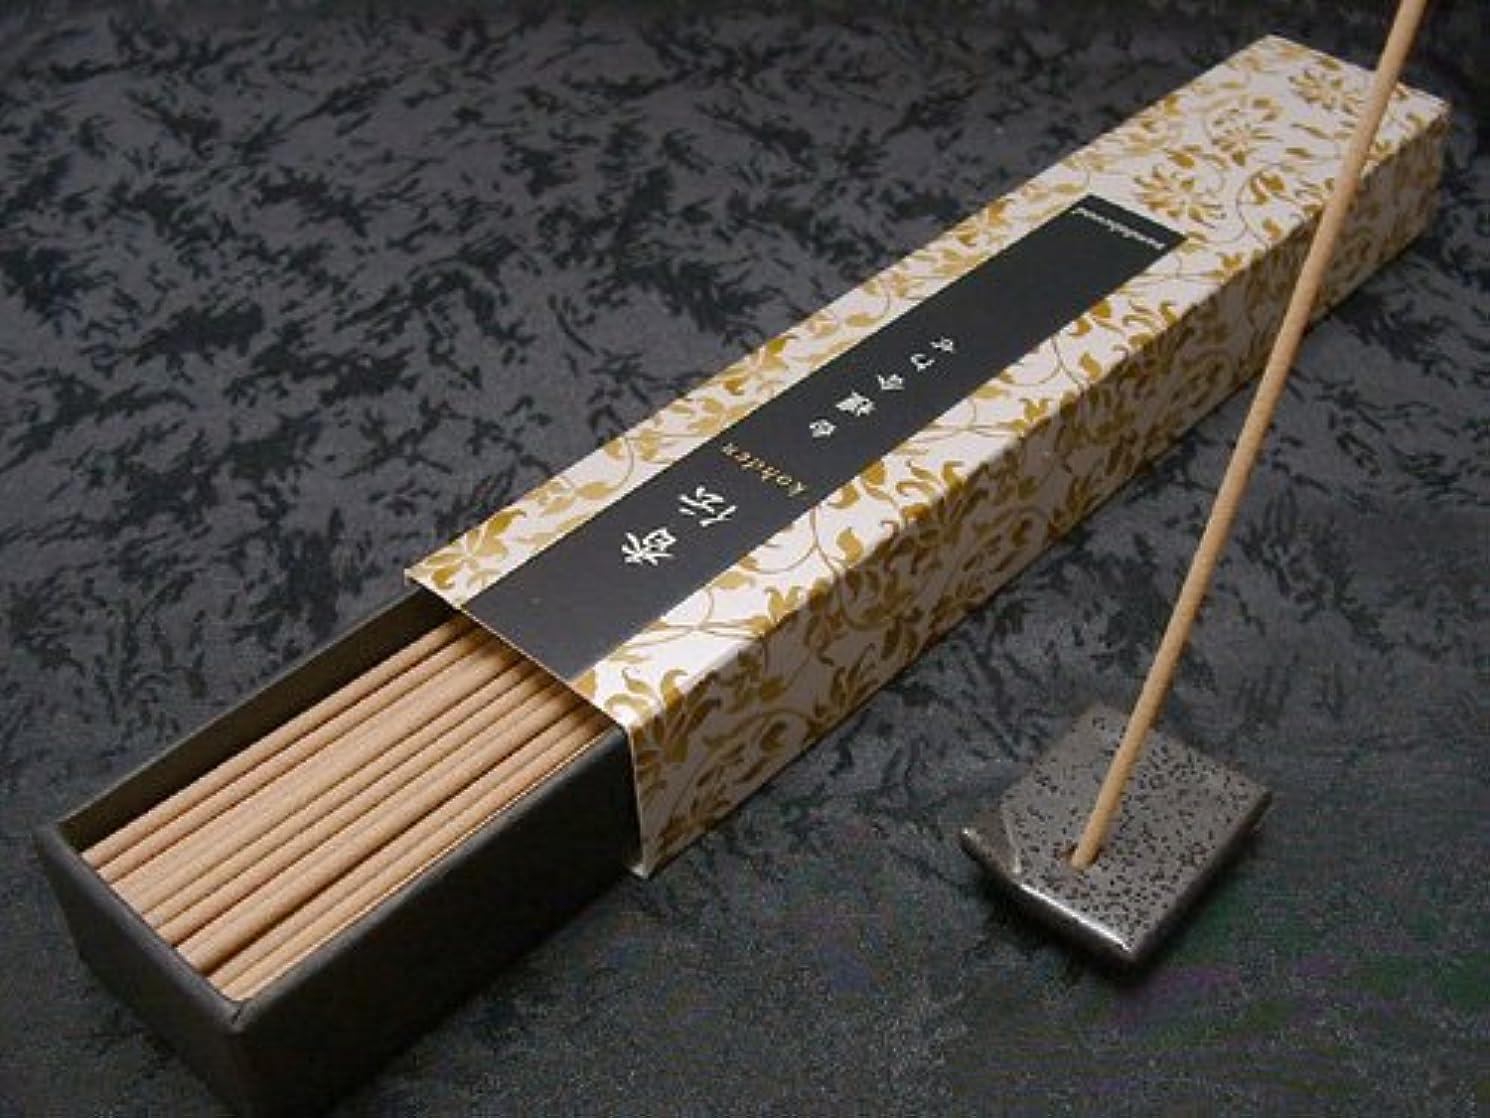 付属品徴収コークス日本香堂のお香 香伝 白檀合わせ